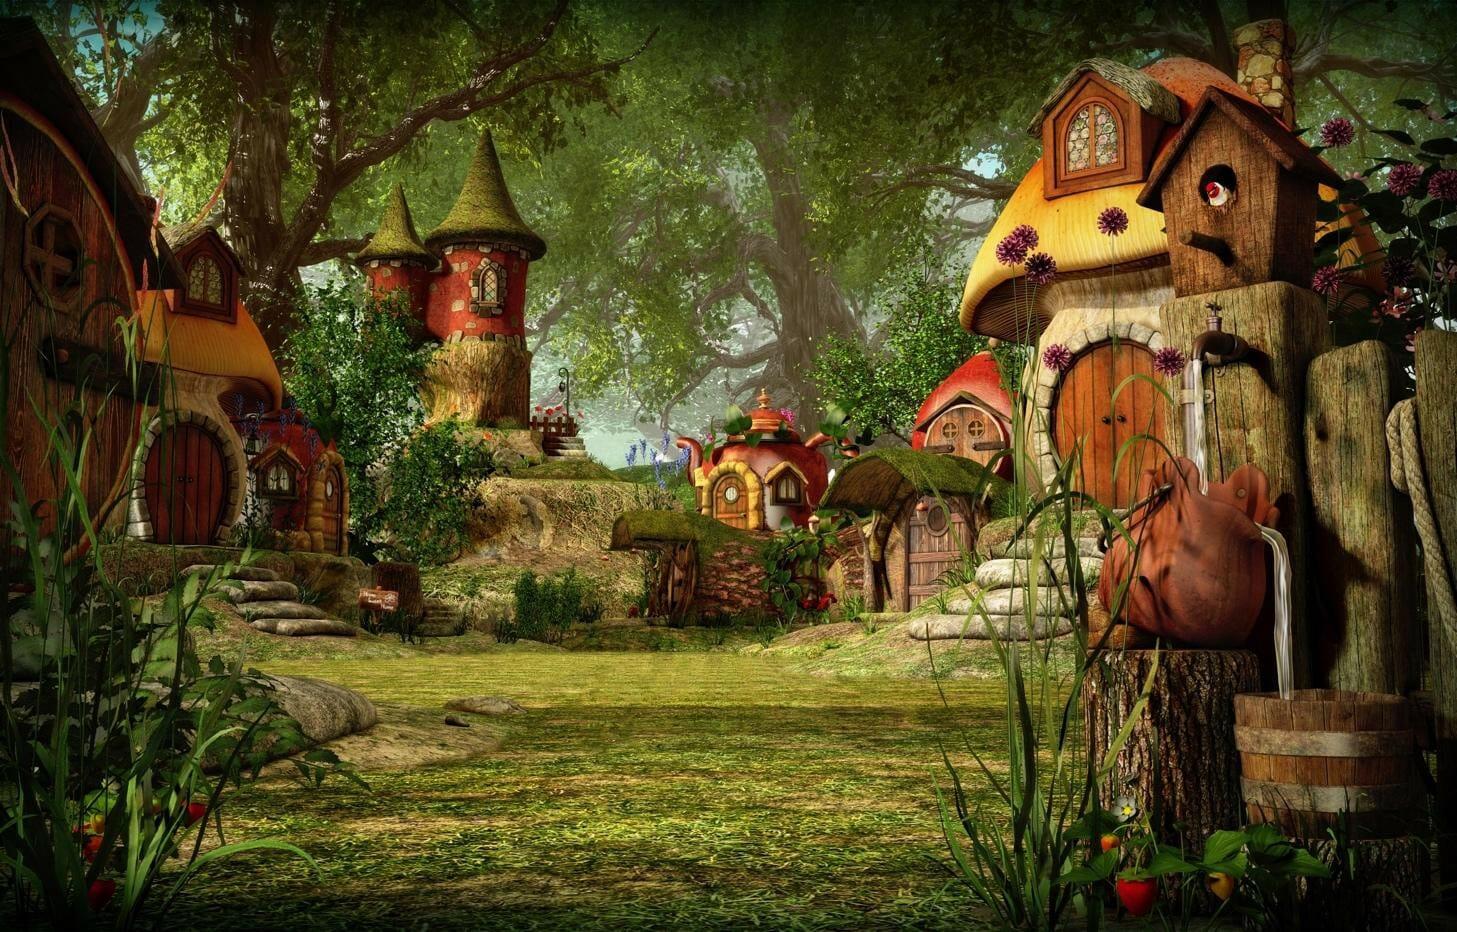 fairy tale fantasy - Fairy Tale Fantasy